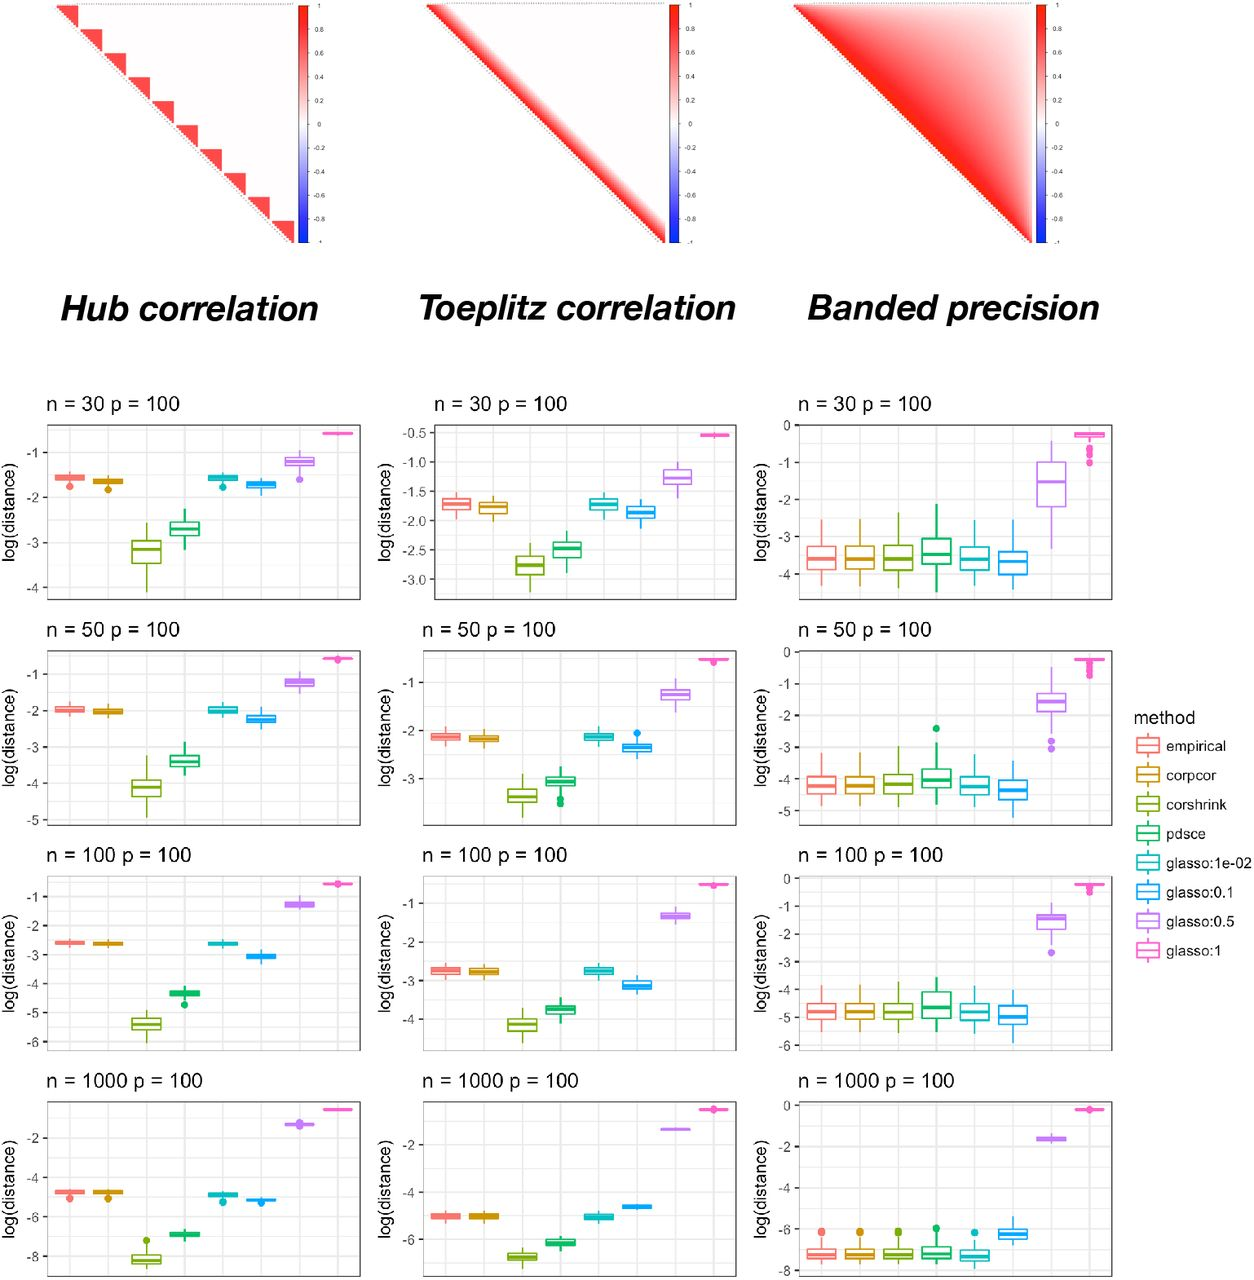 CorShrink: Empirical Bayes shrinkage estimation of correlations